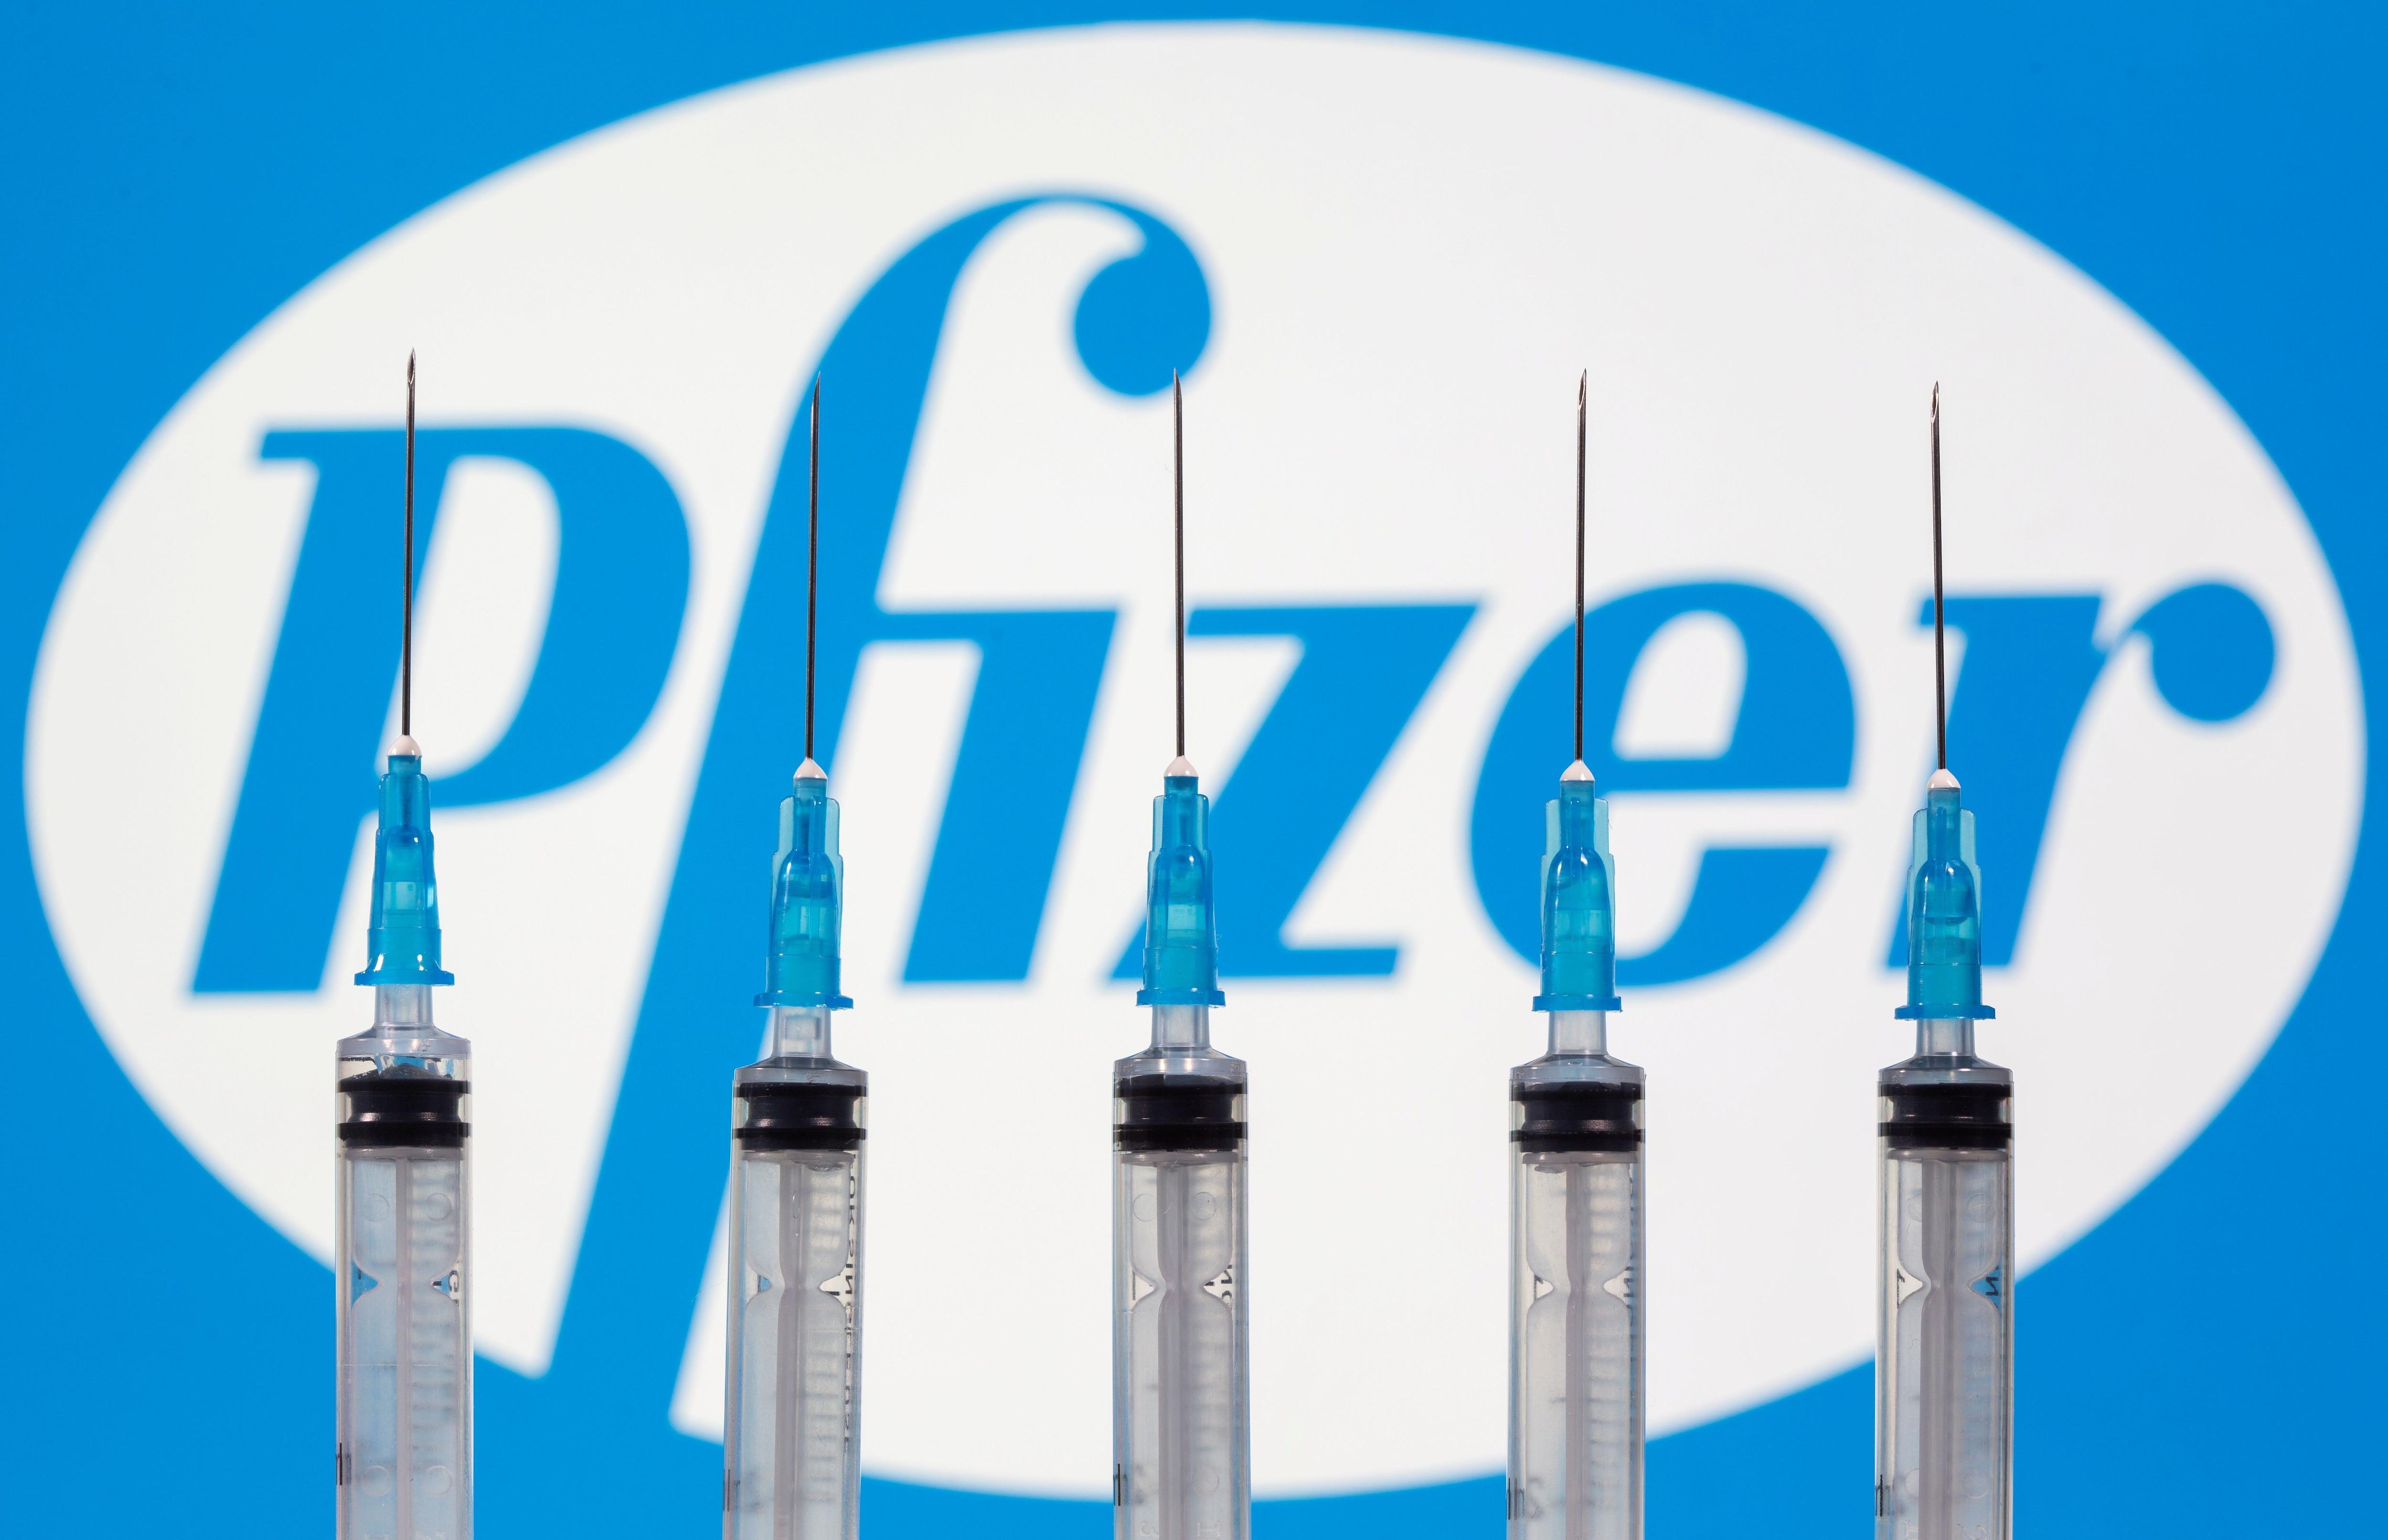 La vacuna contra el coronavirus de Pfizer/BioNTech resultó ser efectiva en un 95% según la evaluación de su ensayo clínico a gran escala. - REUTERS/Dado Ruvic/Illustration/File Photo